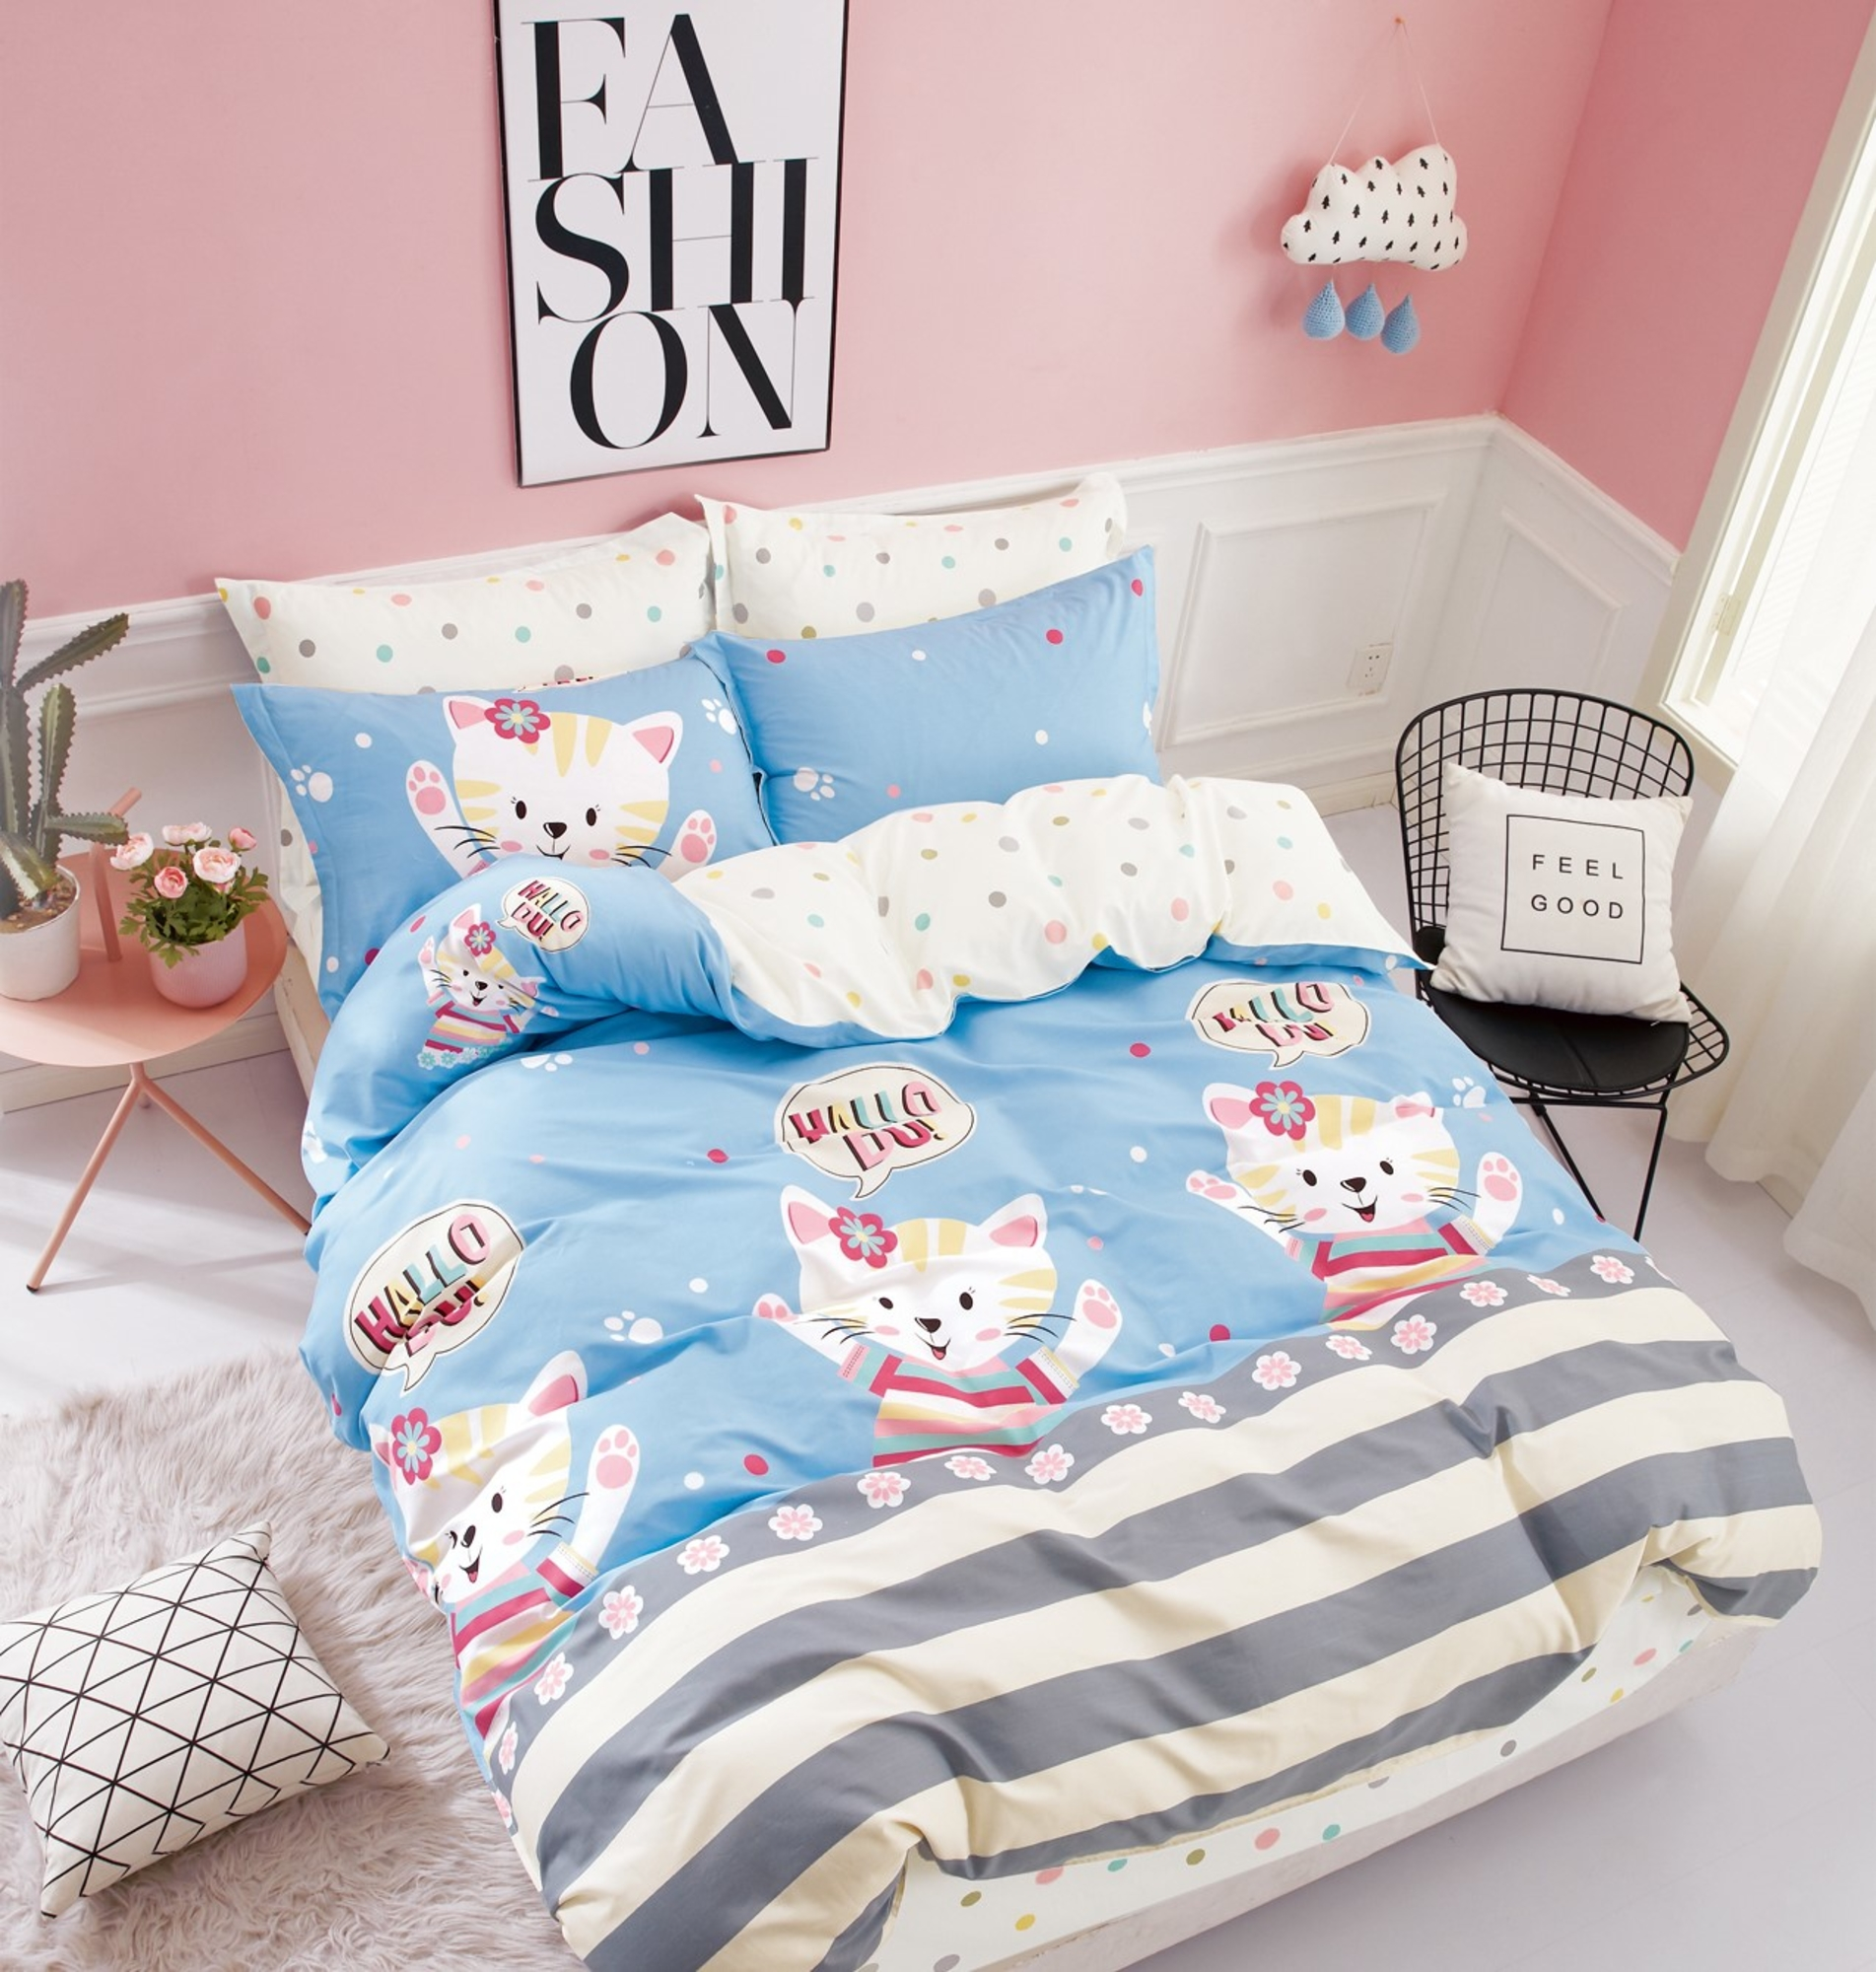 Комплект постельного белья Dream Time BLK-46-SP-407-1C постельное белье dream time blk 46 sp 337 1 2c 3 предмета